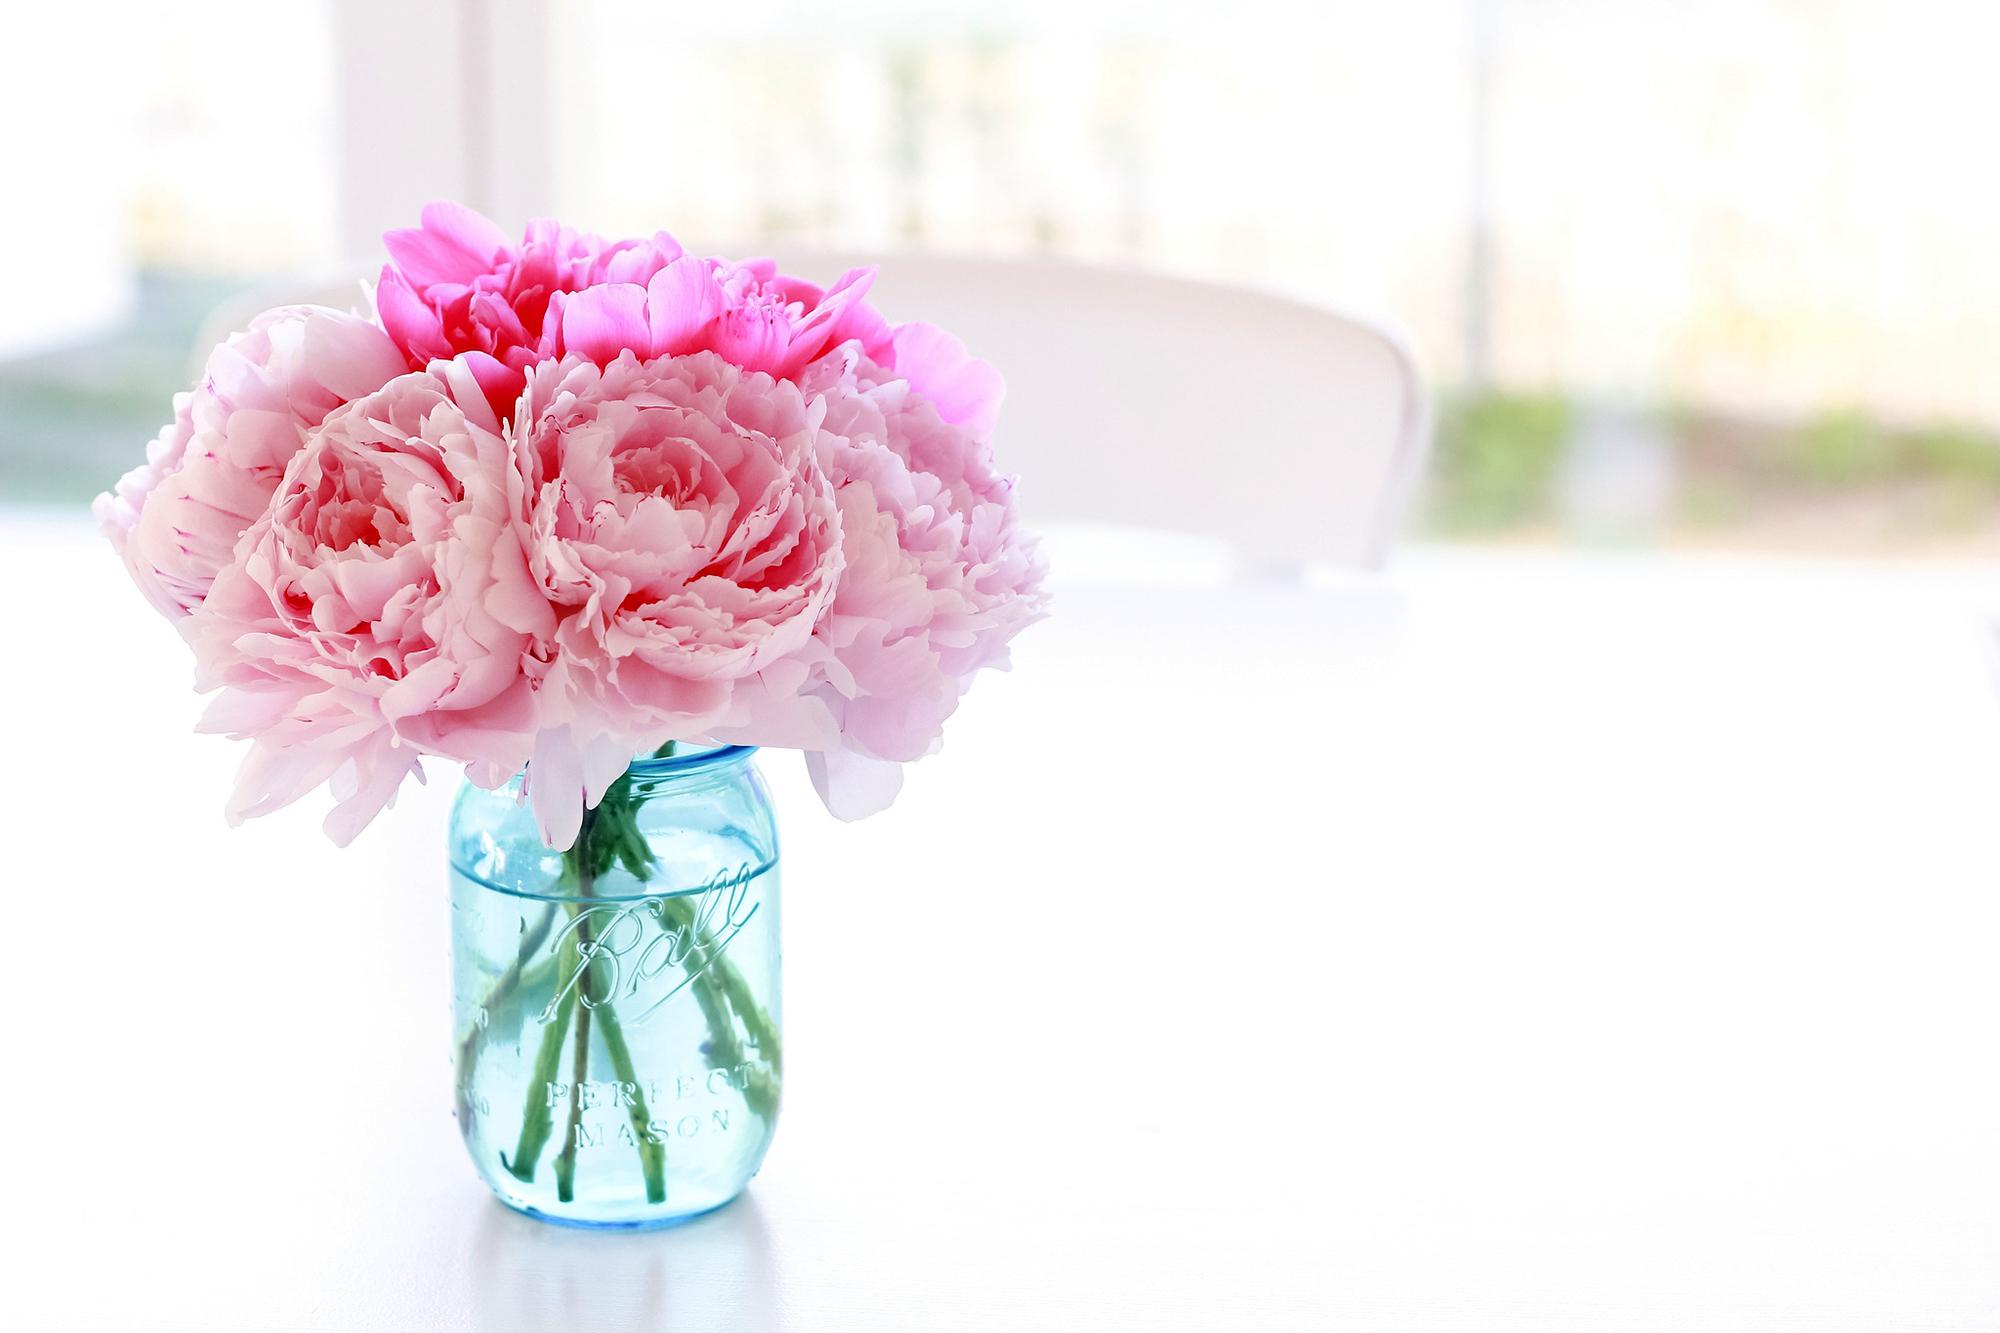 Фон для открытки с цветами в вазе, сын